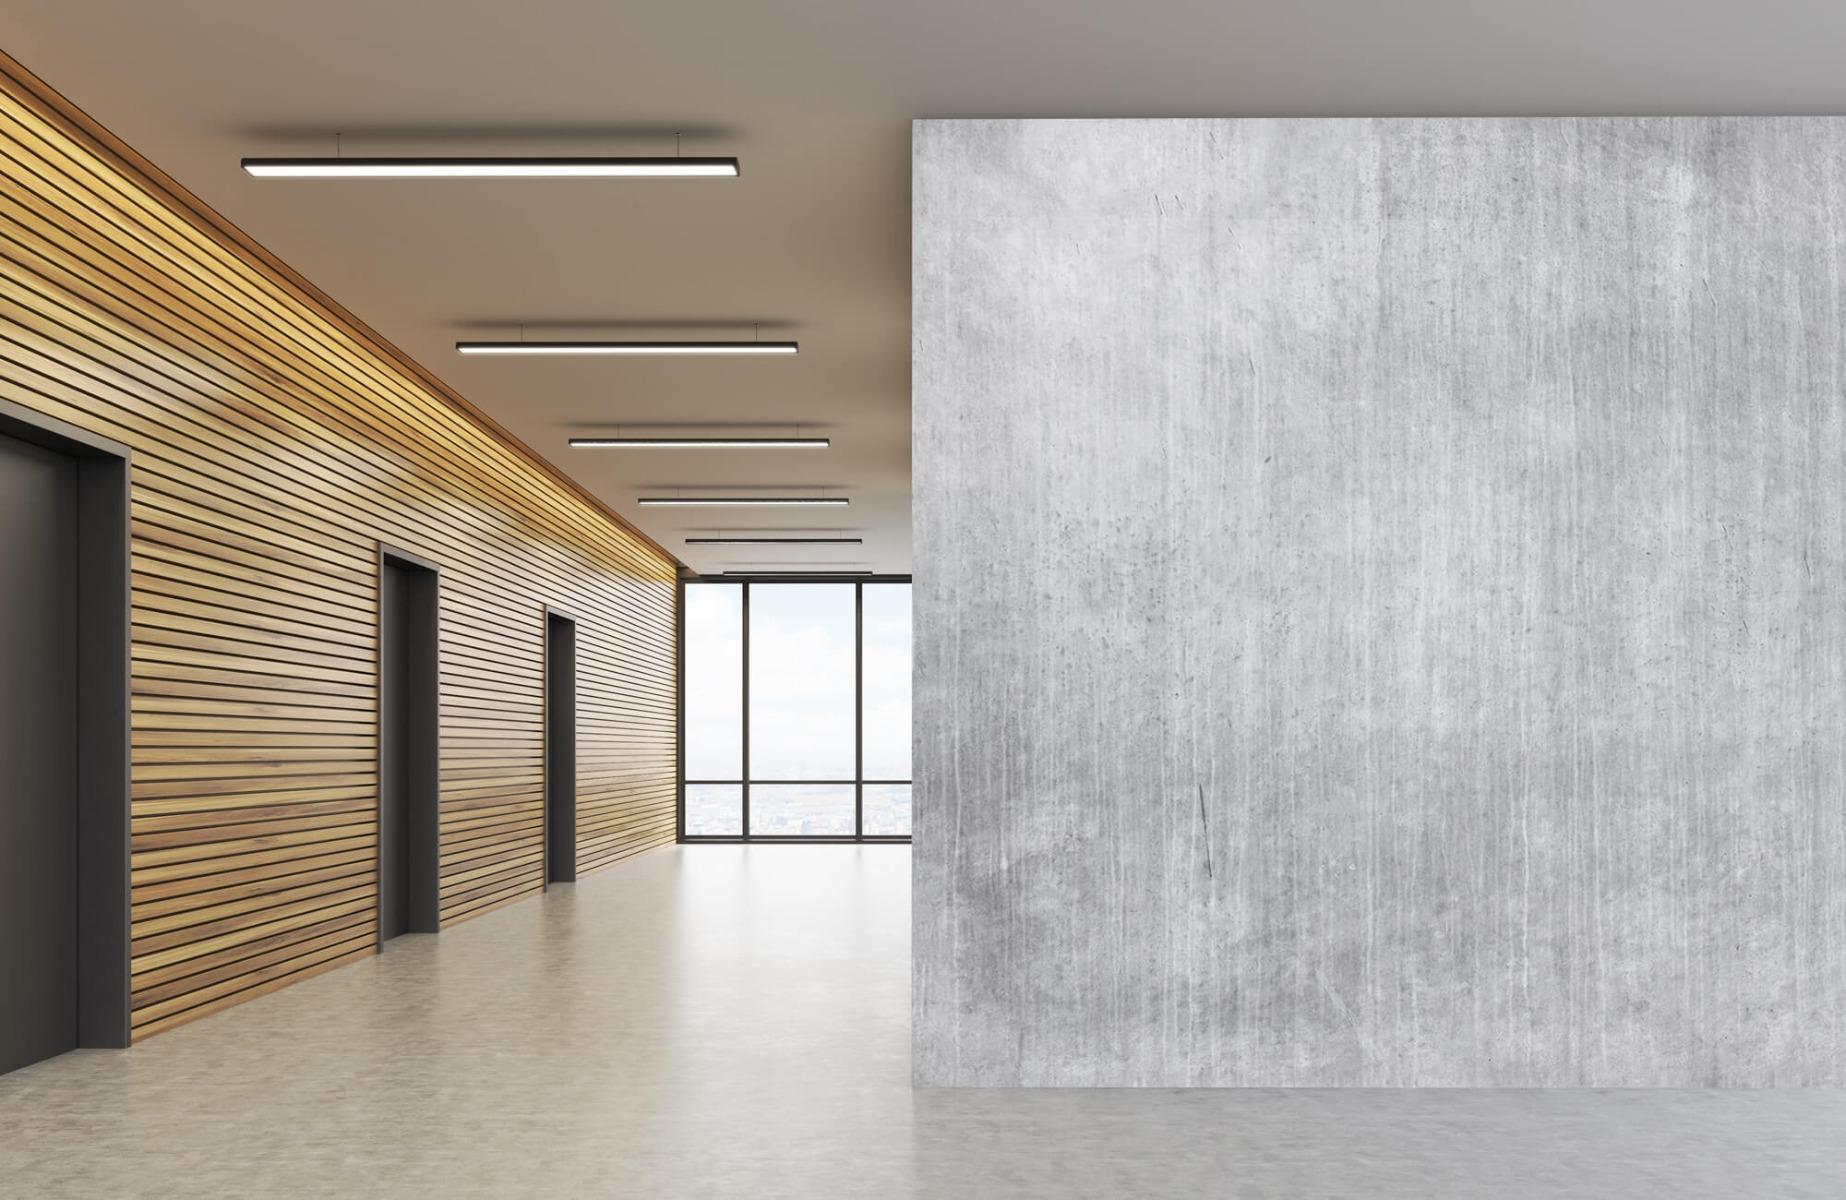 Betonlook behang - Beton met strepen - Wallexclusive - Slaapkamer 10